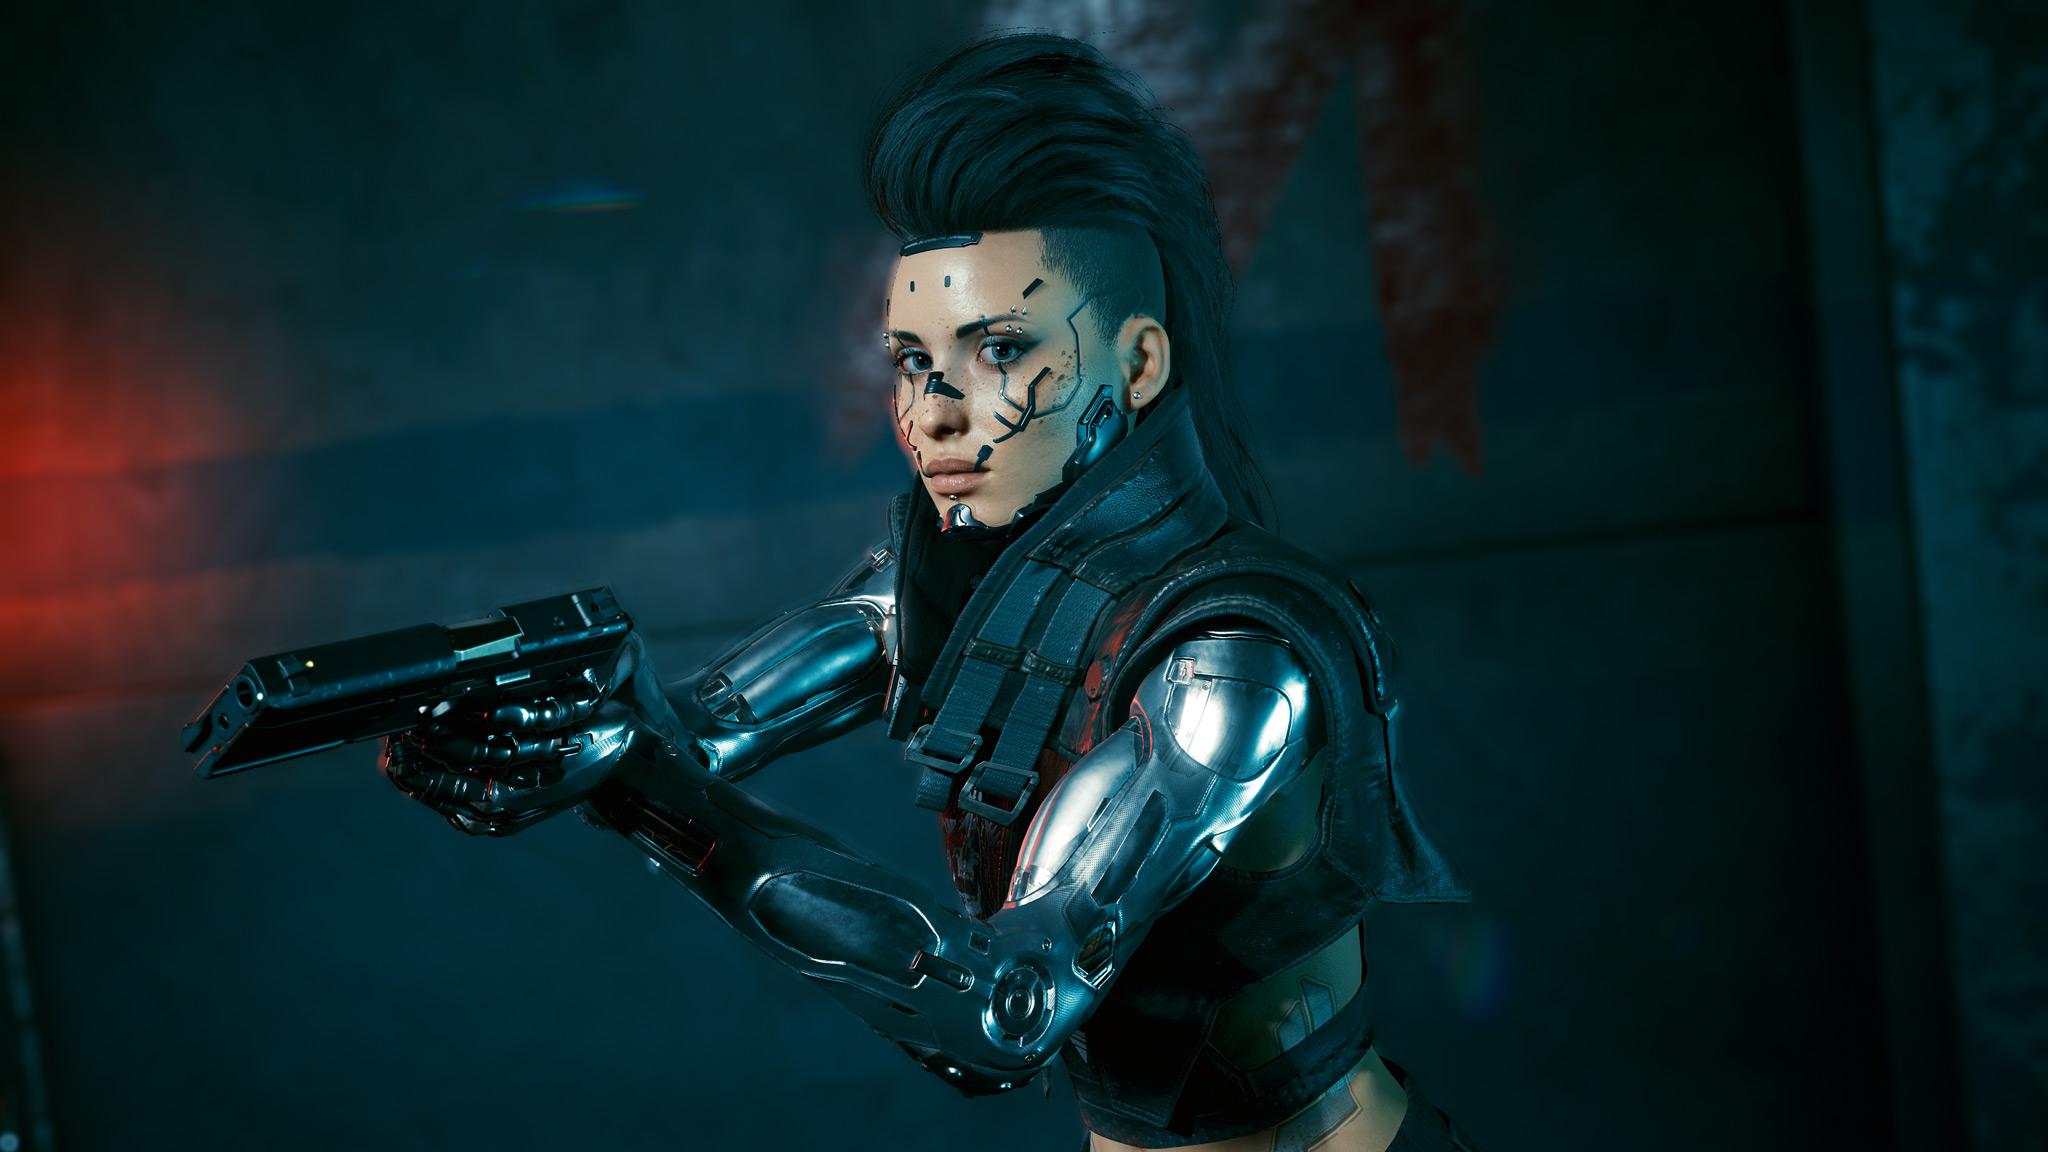 Игроки Cyberpunk 2077 провели в редакторе персонажа более 6.3 миллионов часов